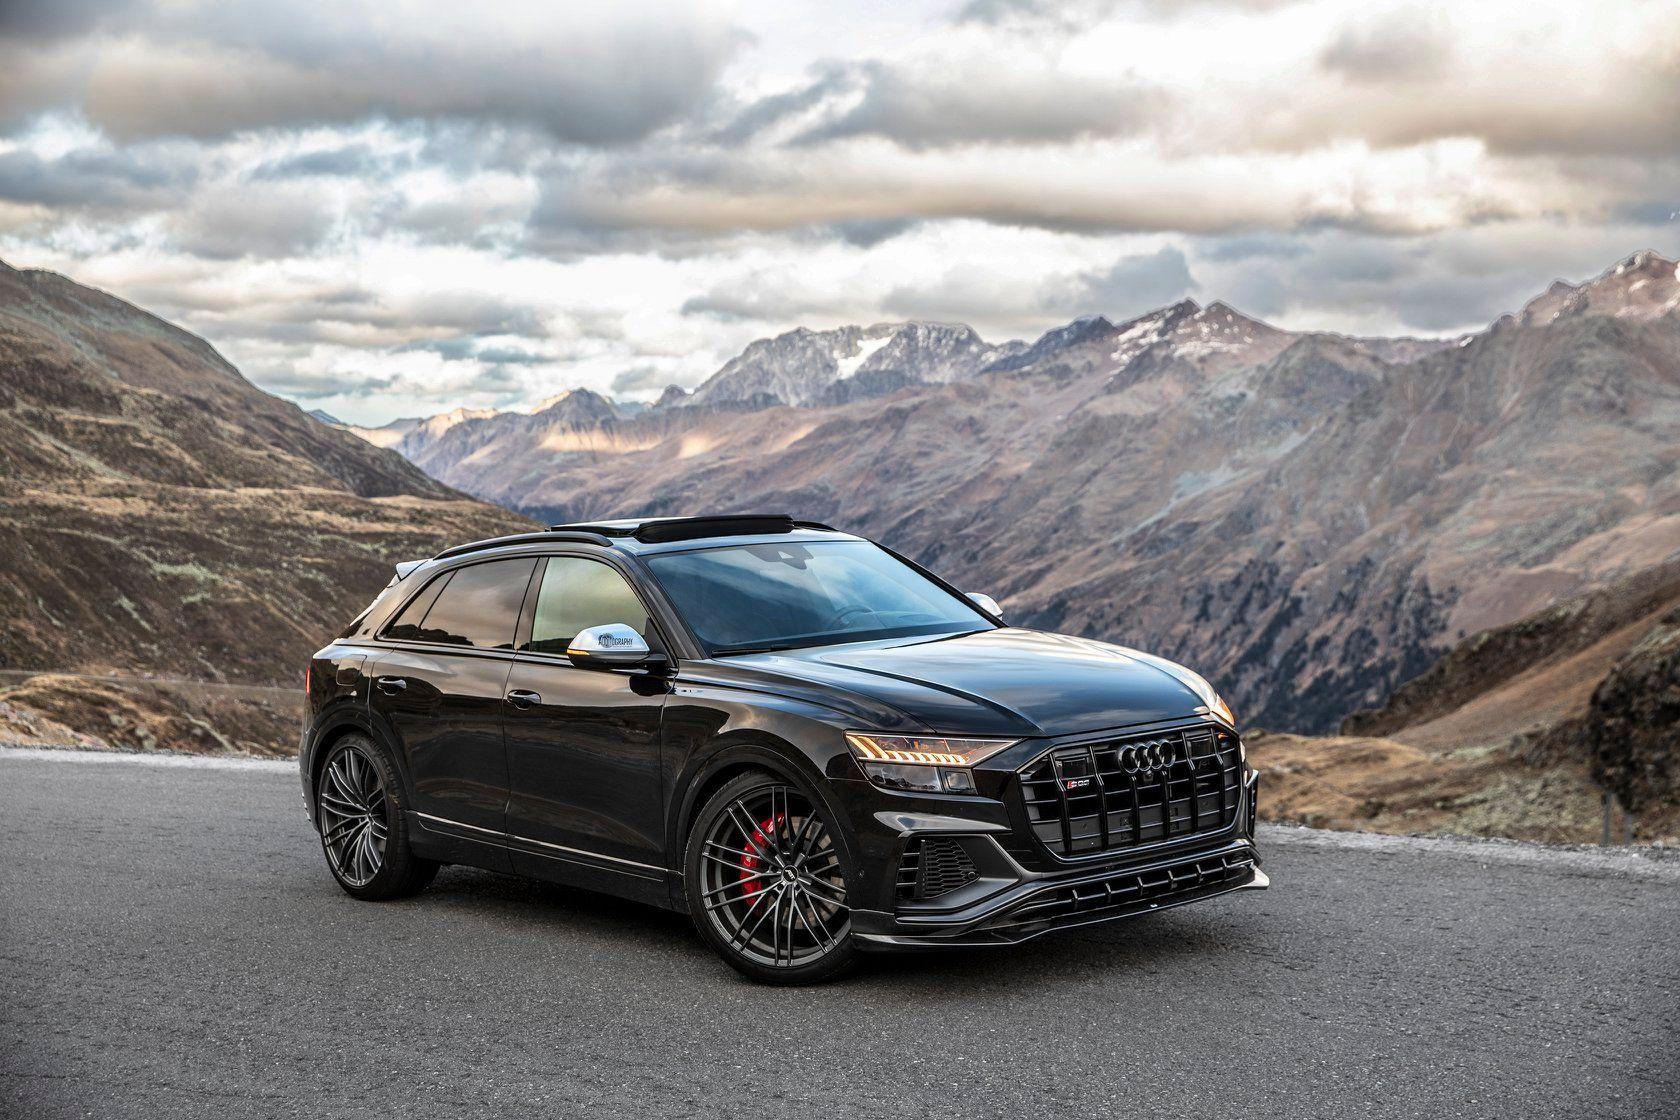 2019 Audi Sq8 By Abt Sportsline Top Speed Audi Sq8 Audi Audi Sedan